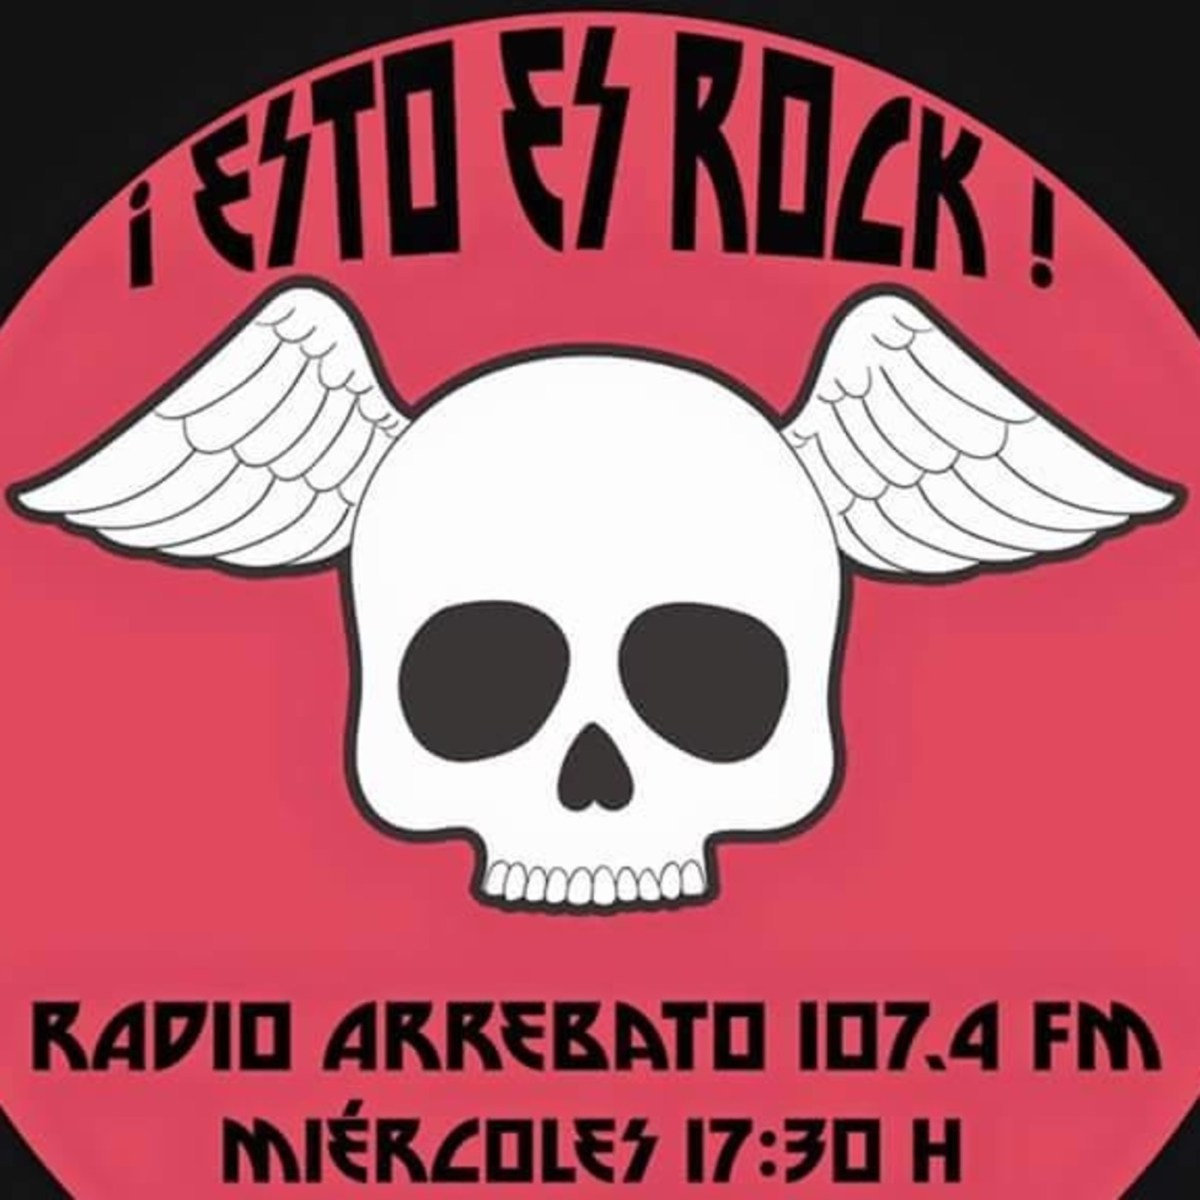 Esto es Rock!